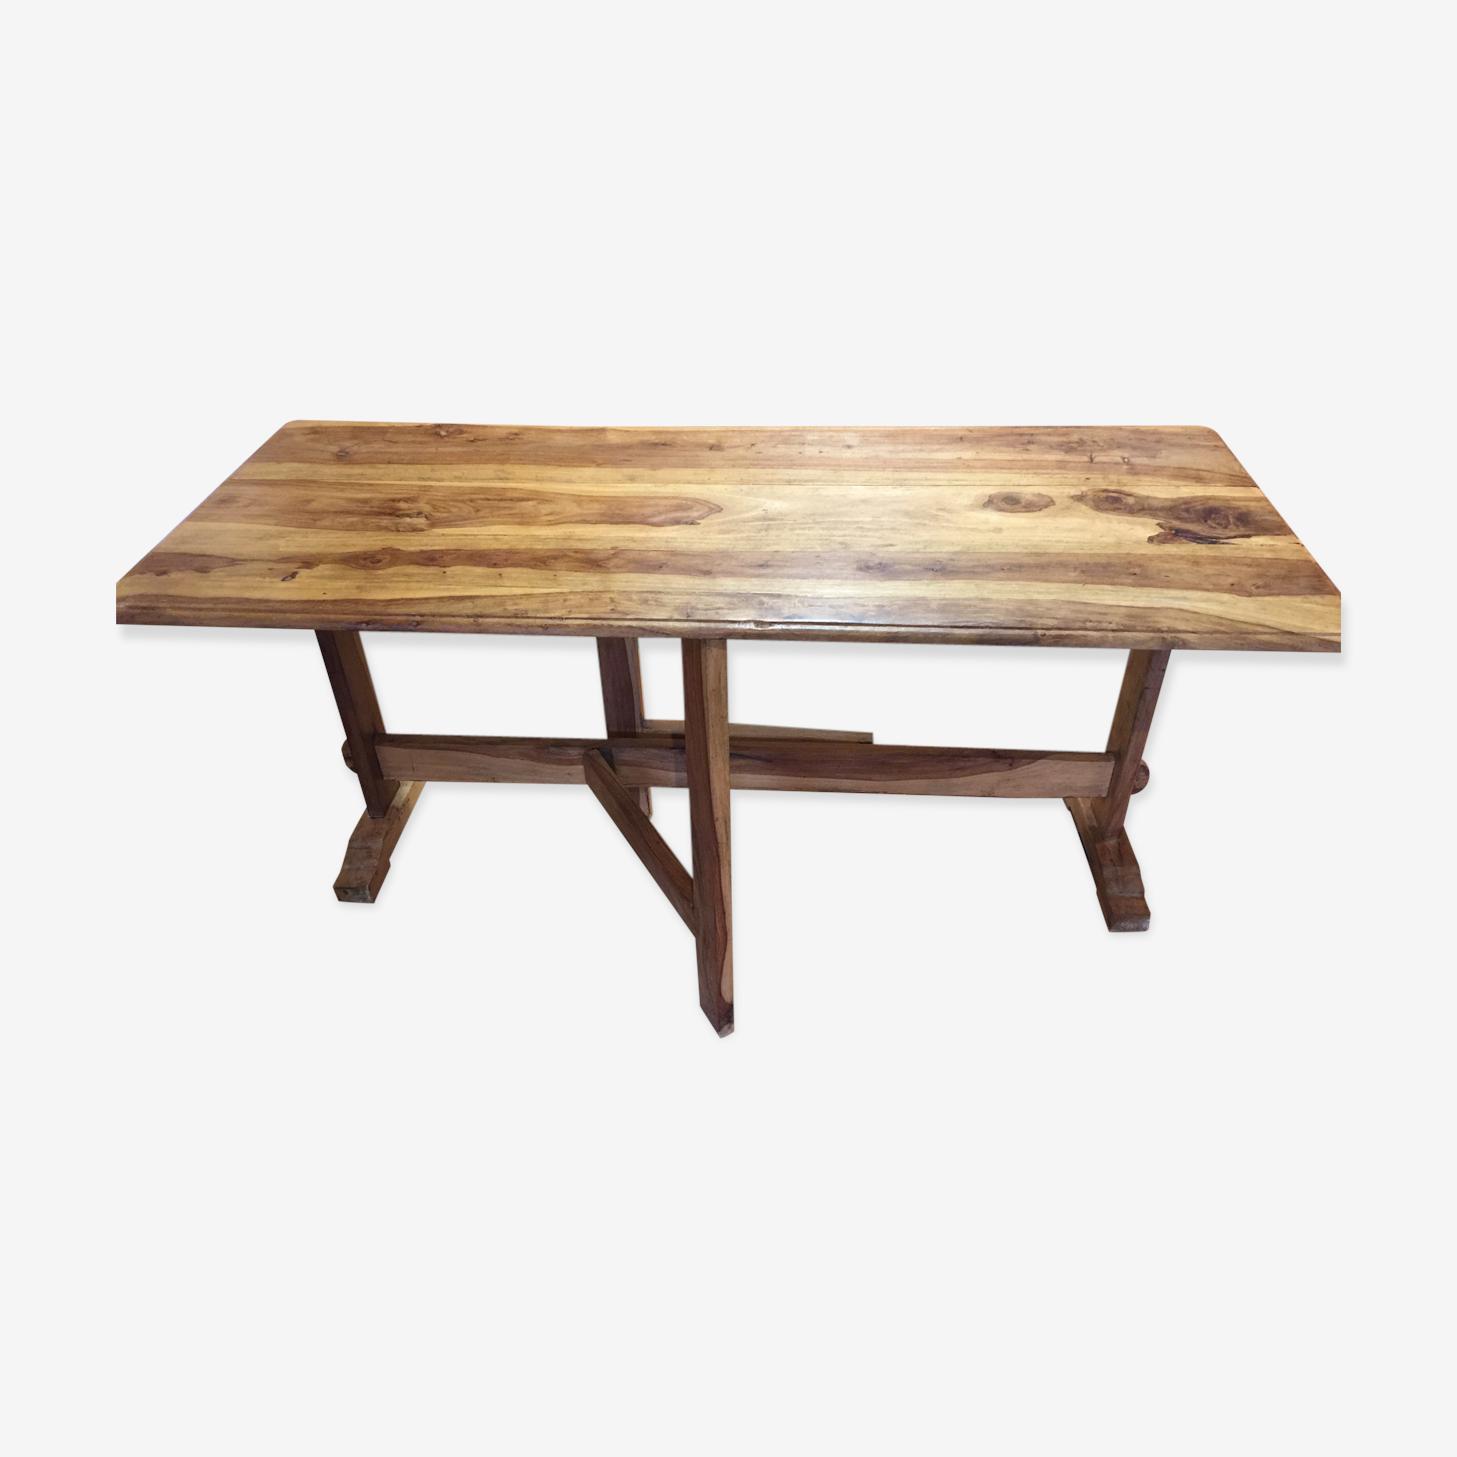 Table en noyer pliable fabrication artisanale